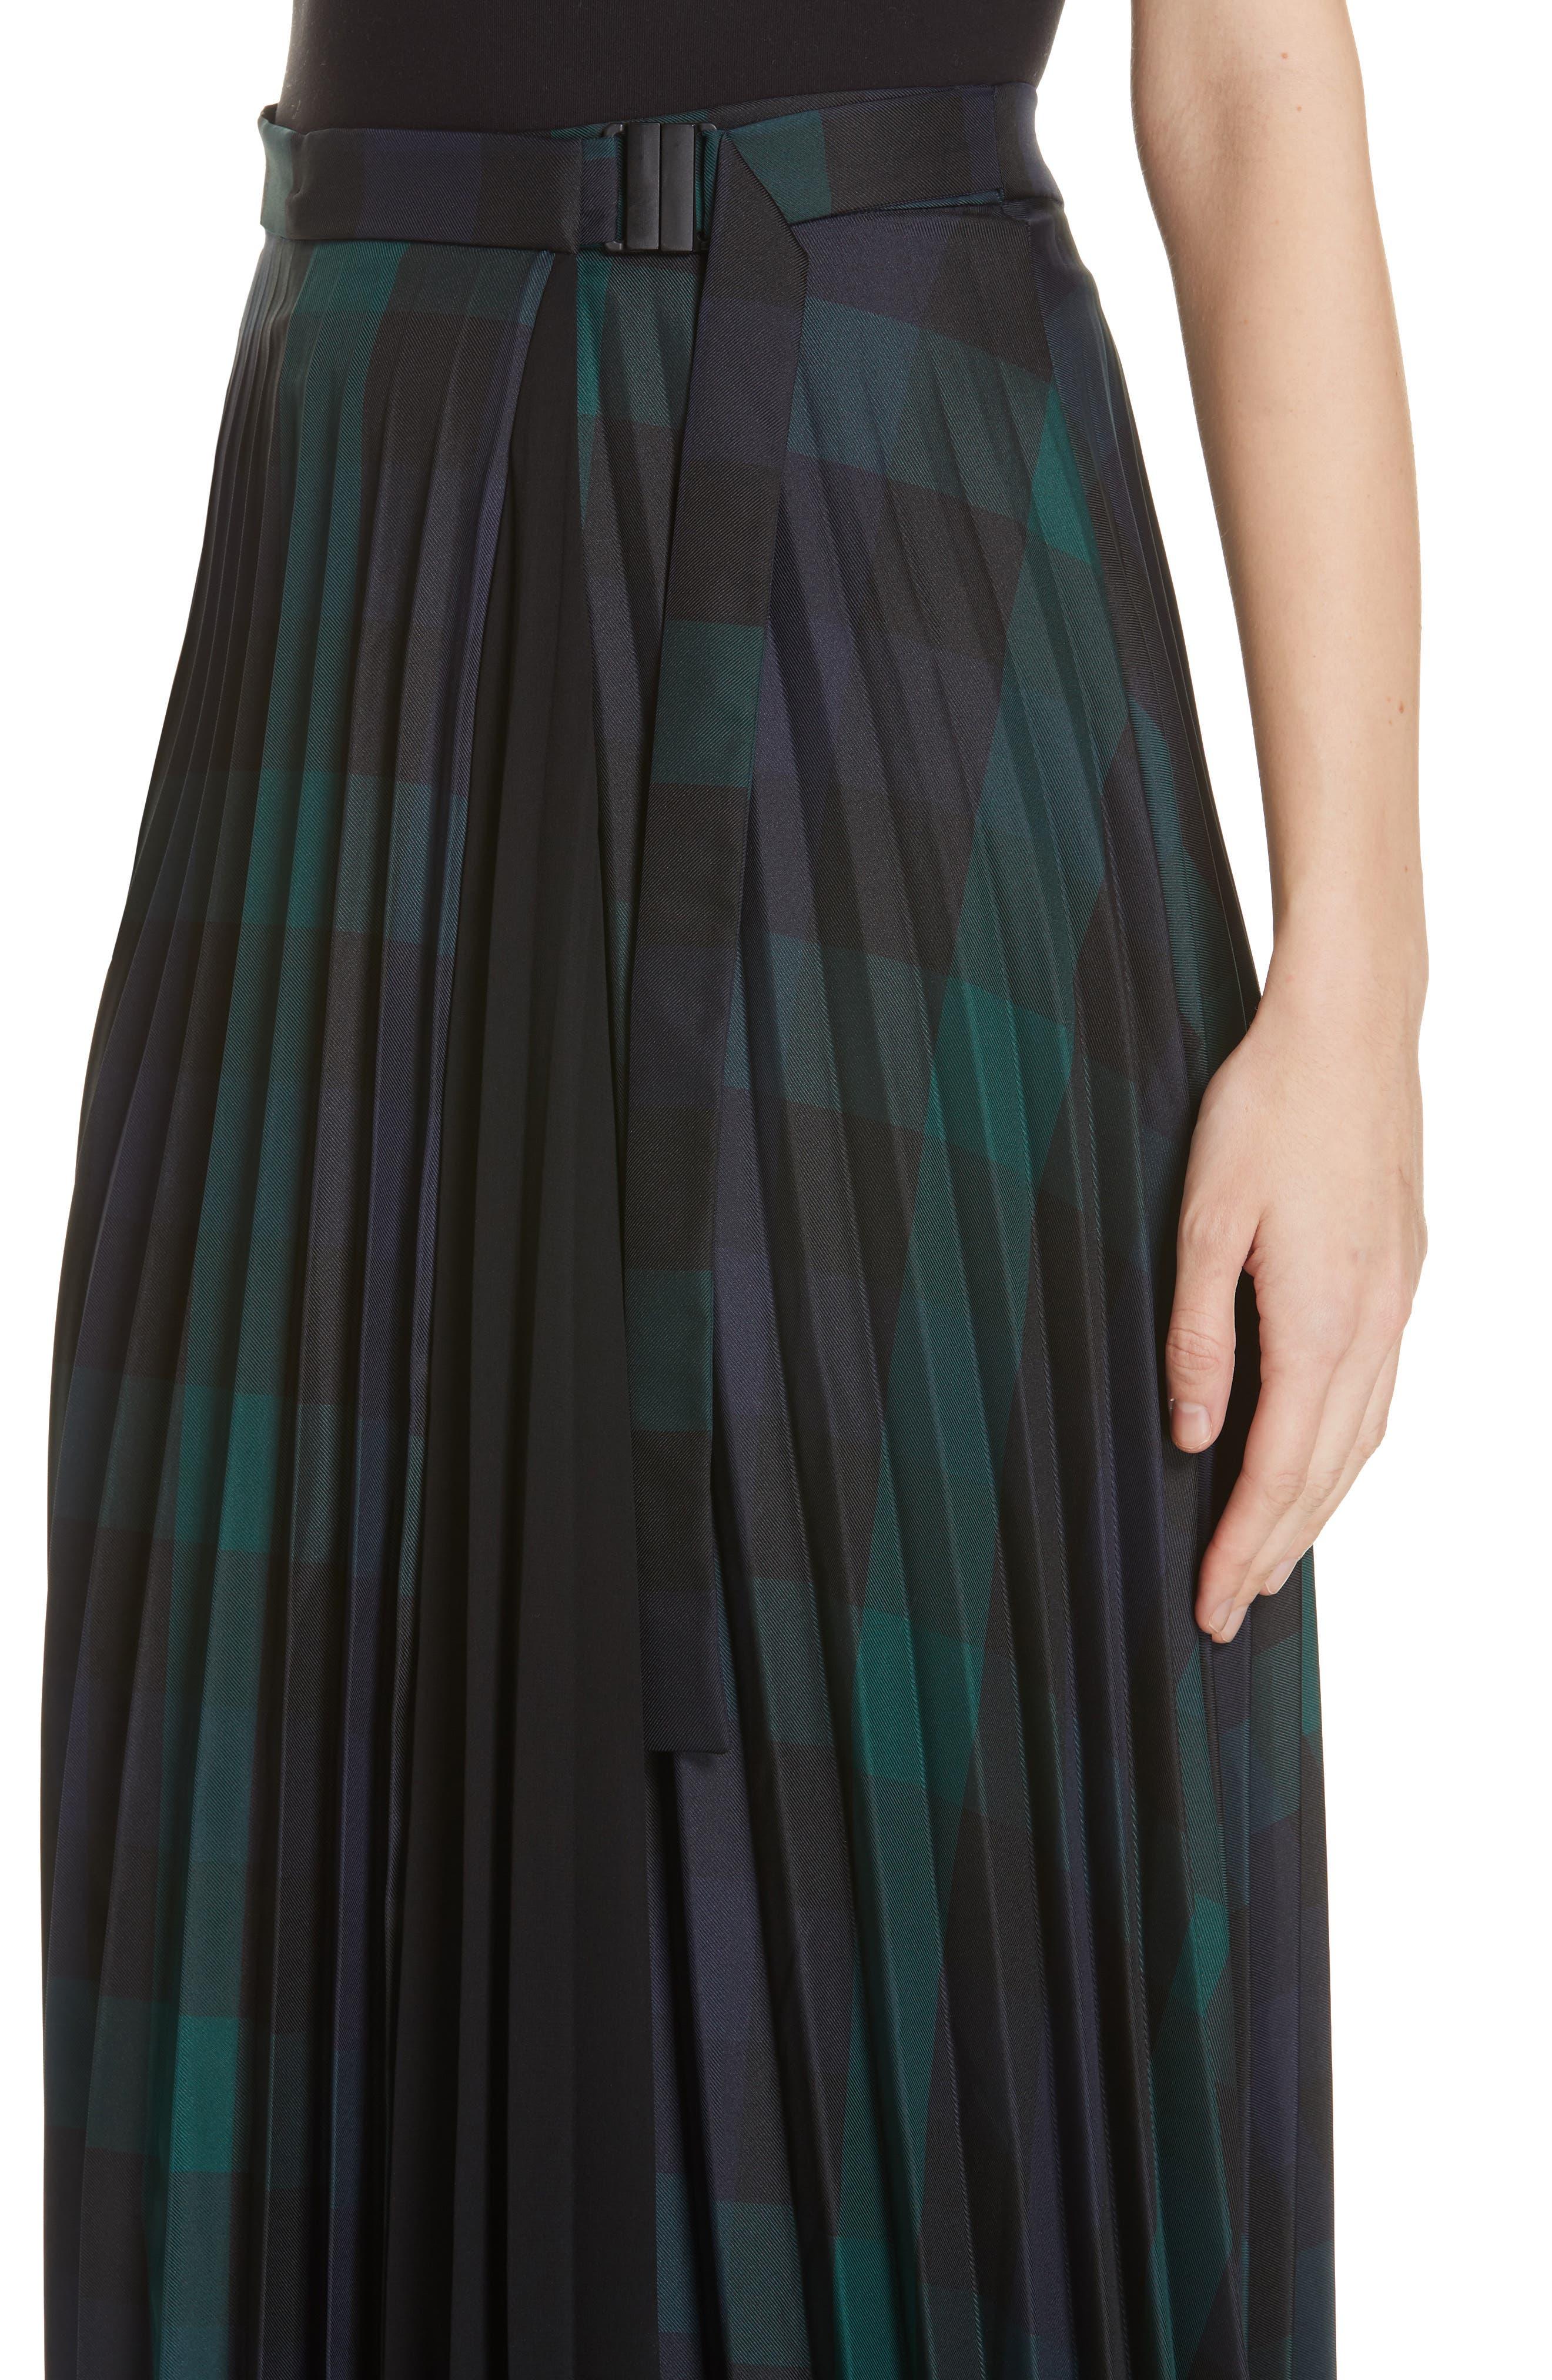 Plaid Pleated Midi Skirt,                             Alternate thumbnail 4, color,                             DEEP NAVY